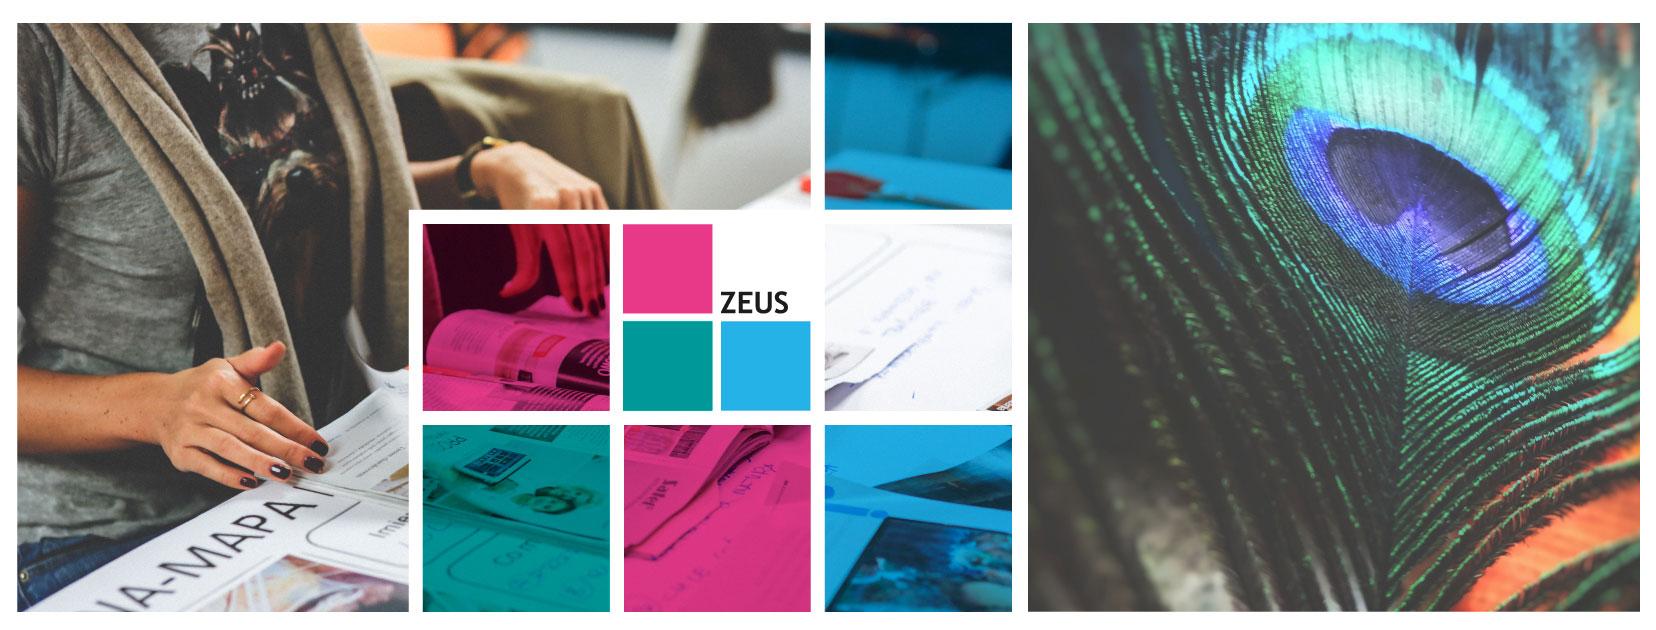 Projekt ZEUS wird verschoben